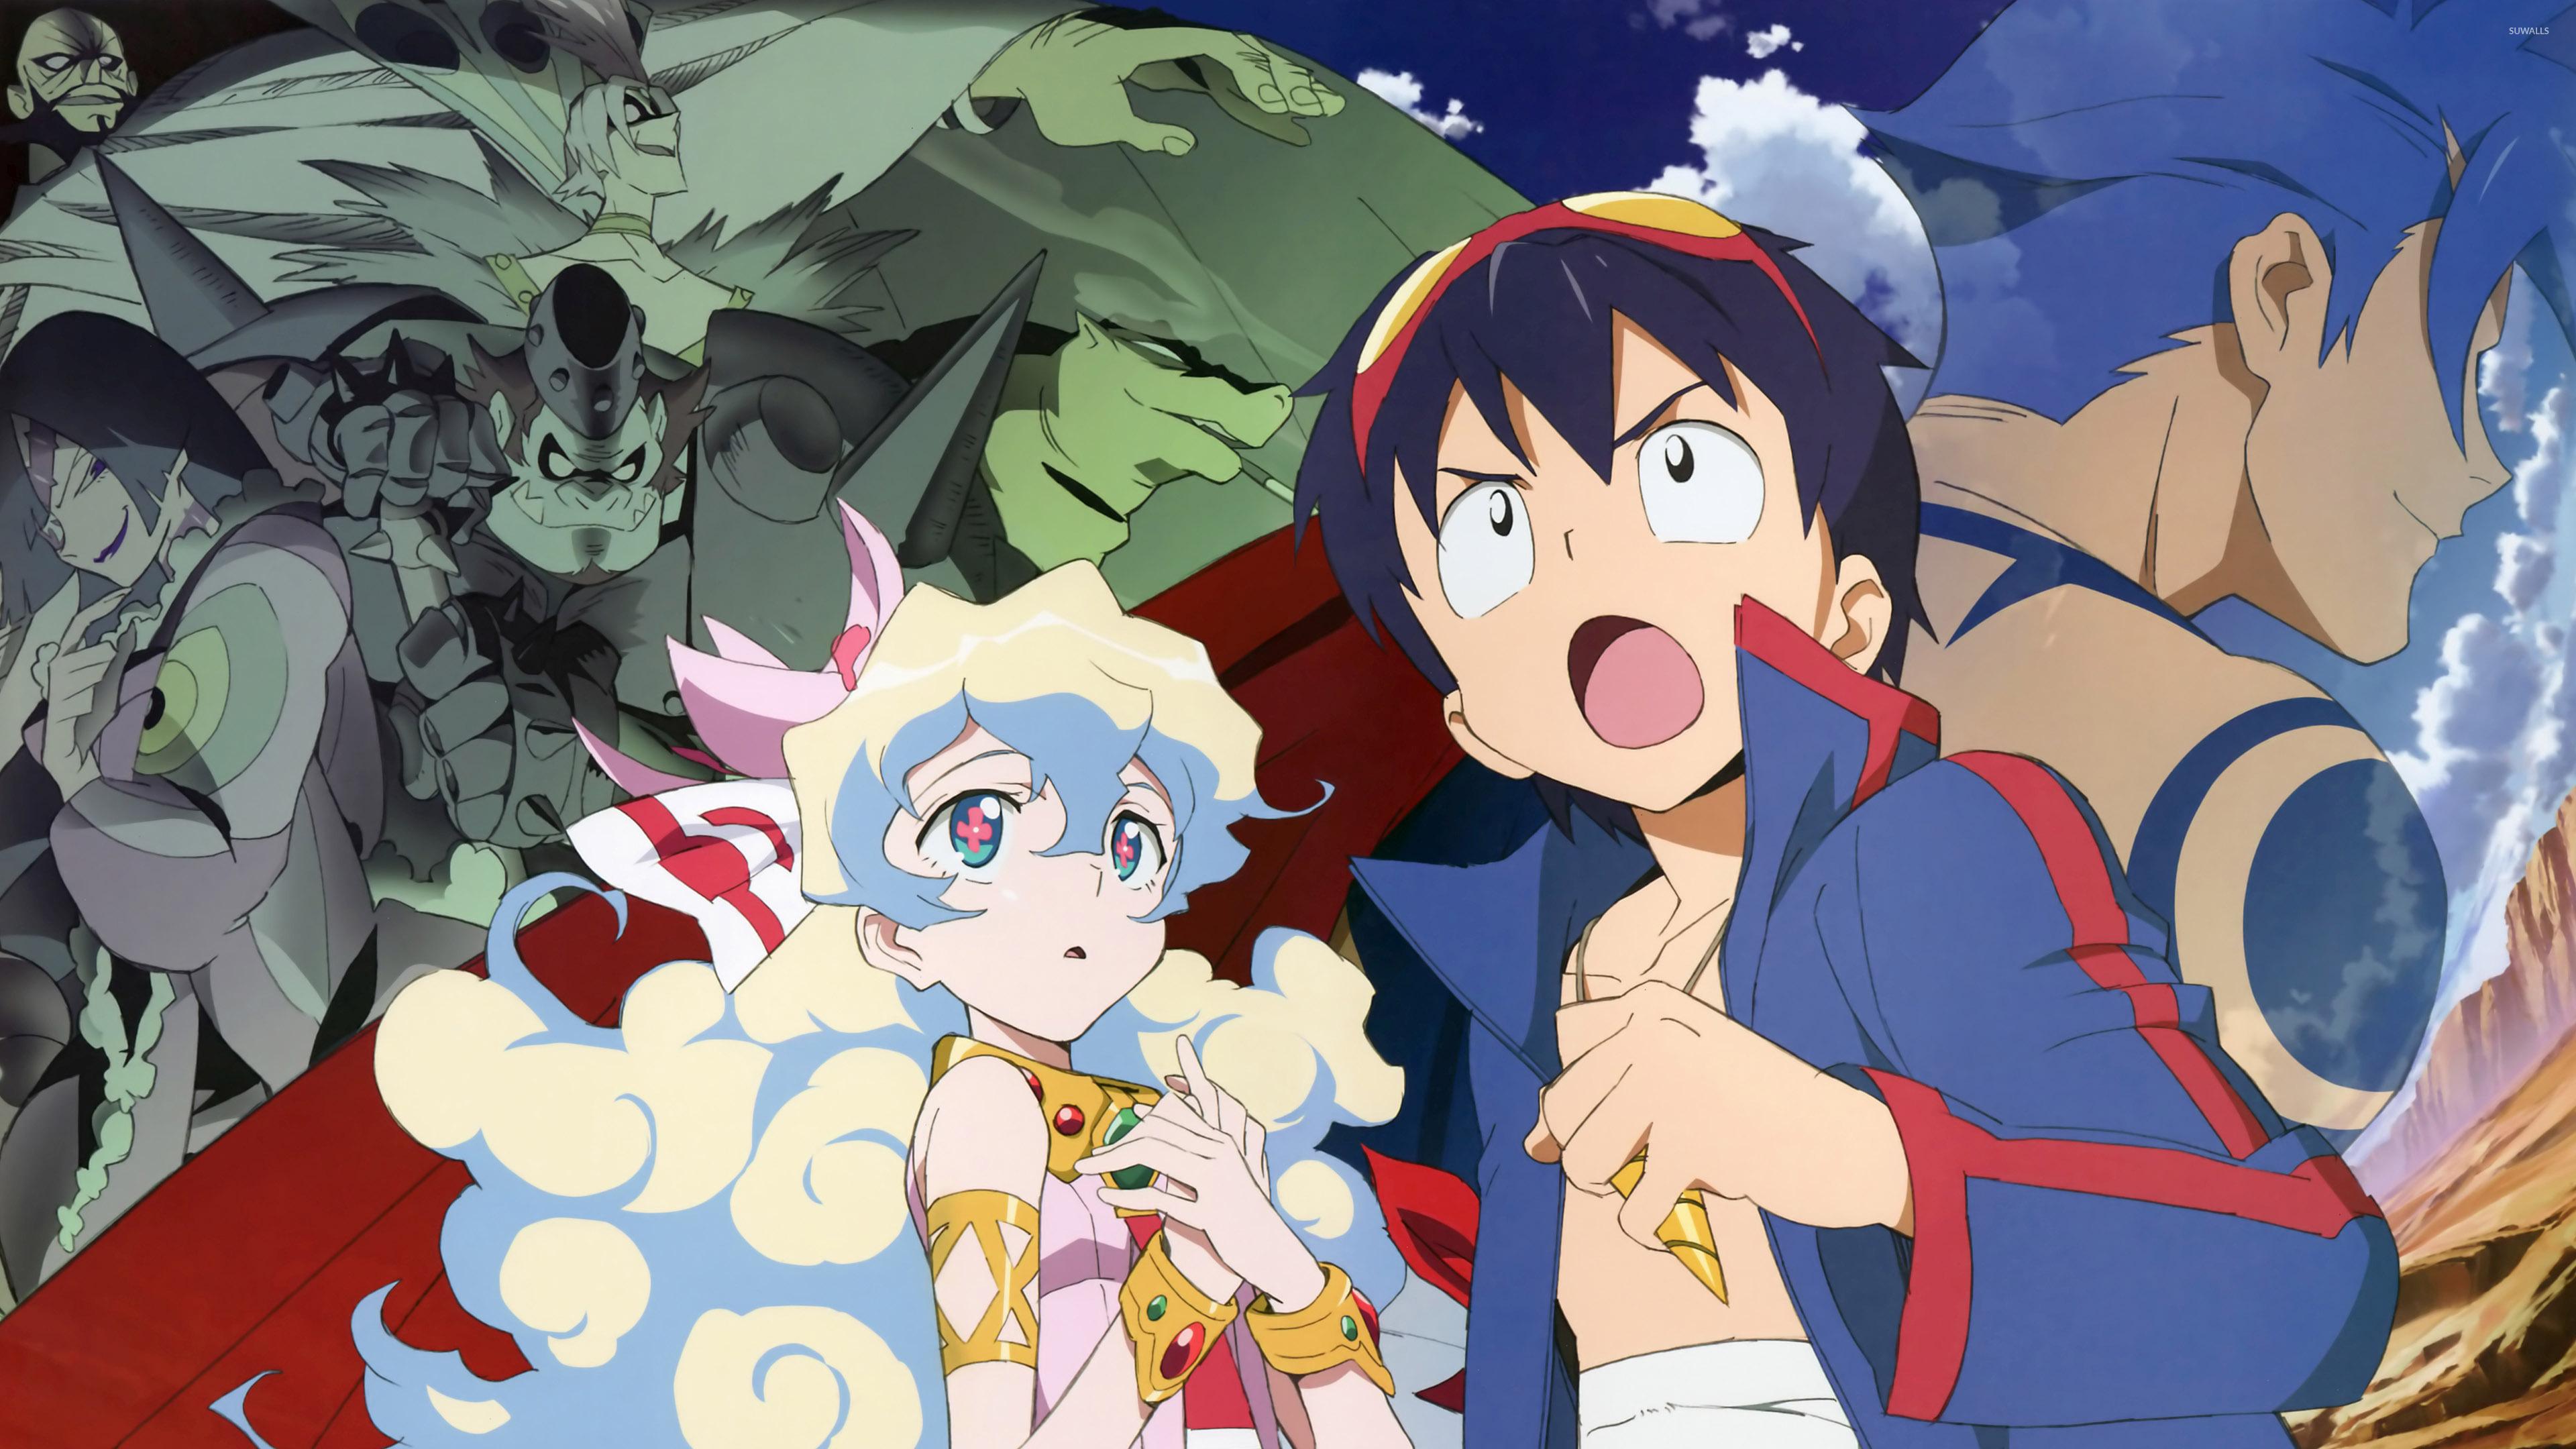 Gurren Lagann Quotes Wallpaper Tengen Toppa Gurren Lagann Wallpaper Anime Wallpapers